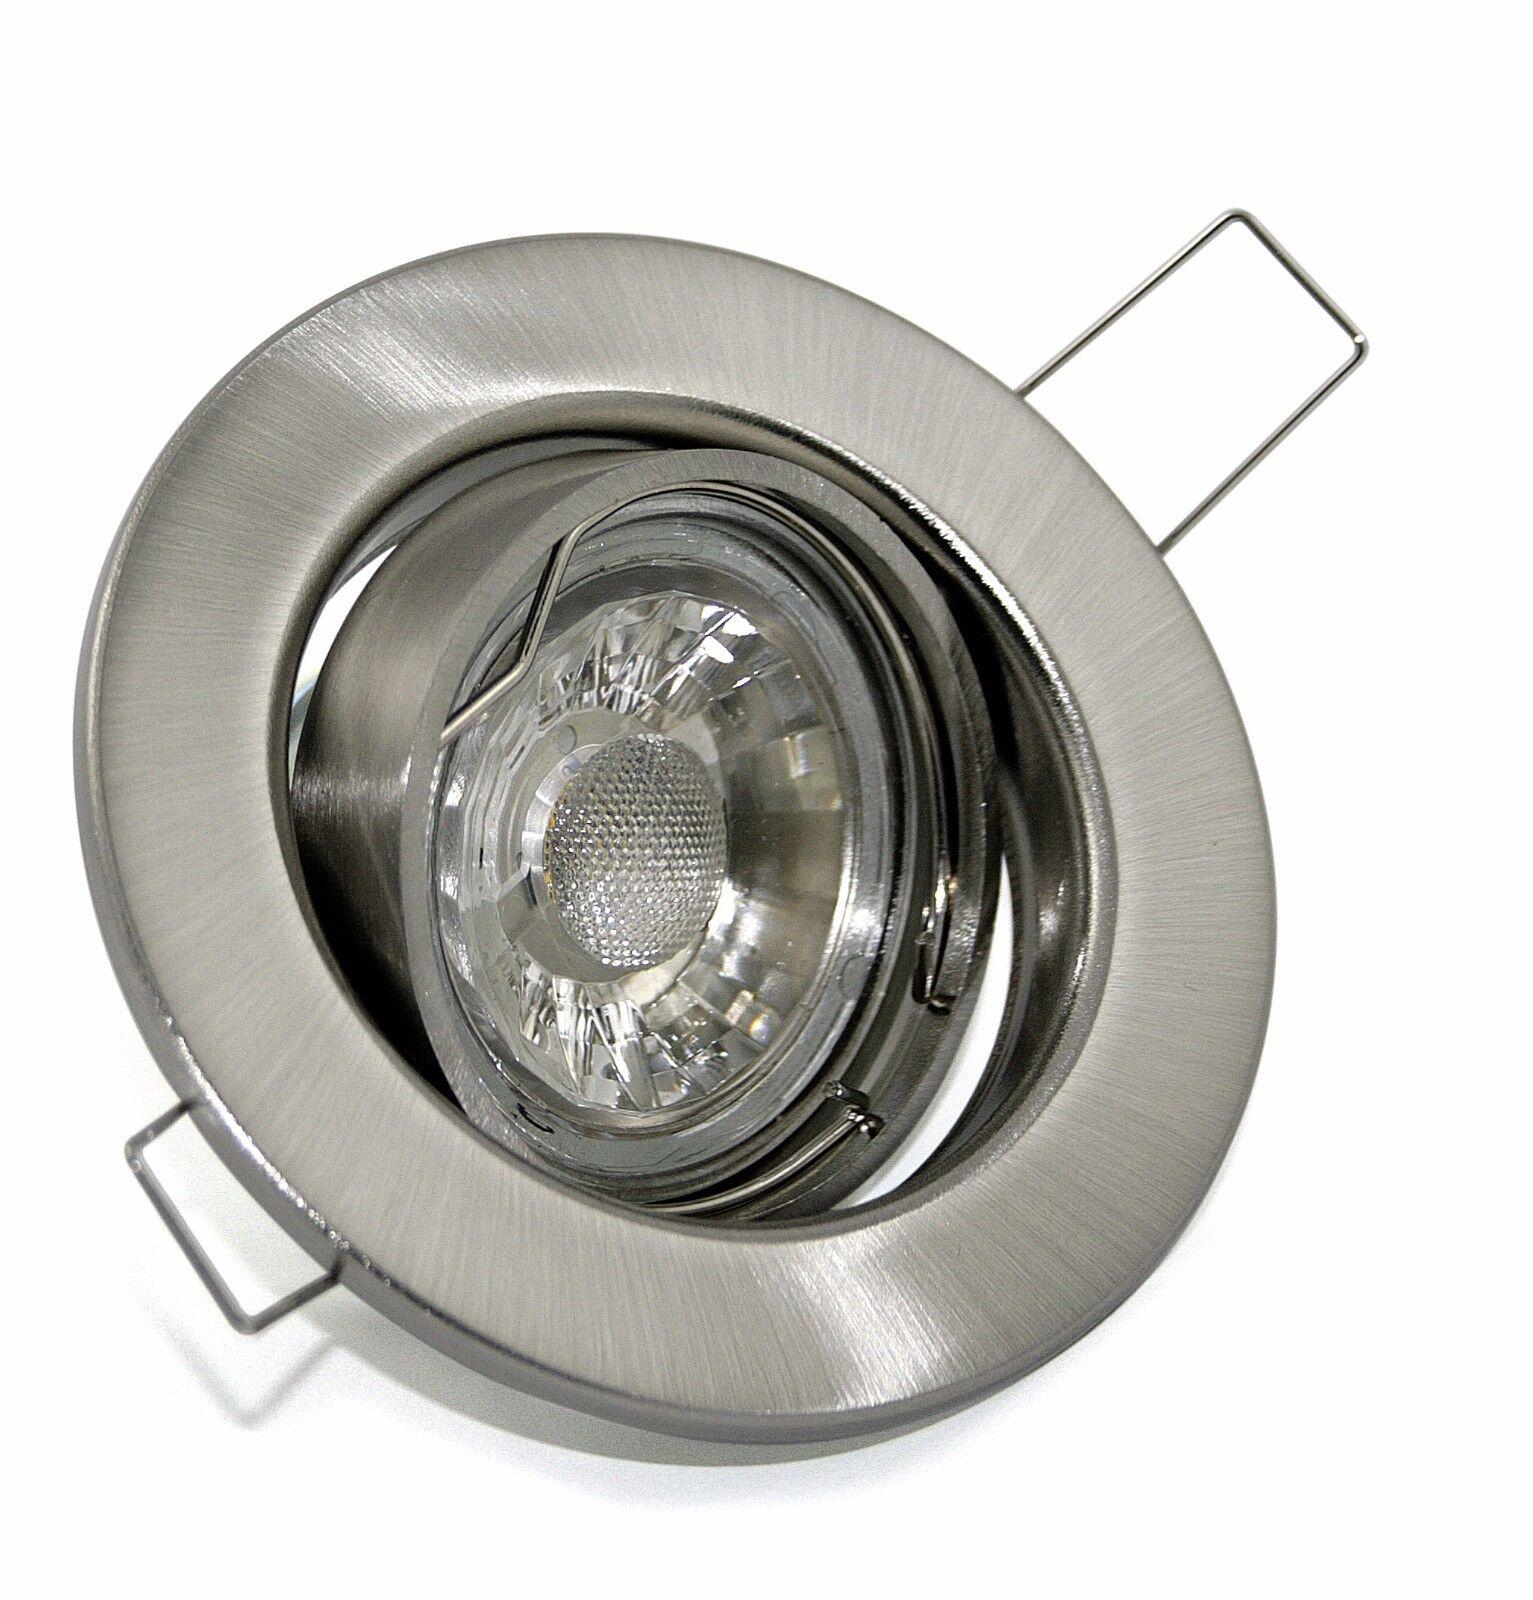 LED Decken Einbaustrahler 230V GU10 LED LED LED 3W 5W 7W DIMMBAR Downlights TOM K9222 018ee4